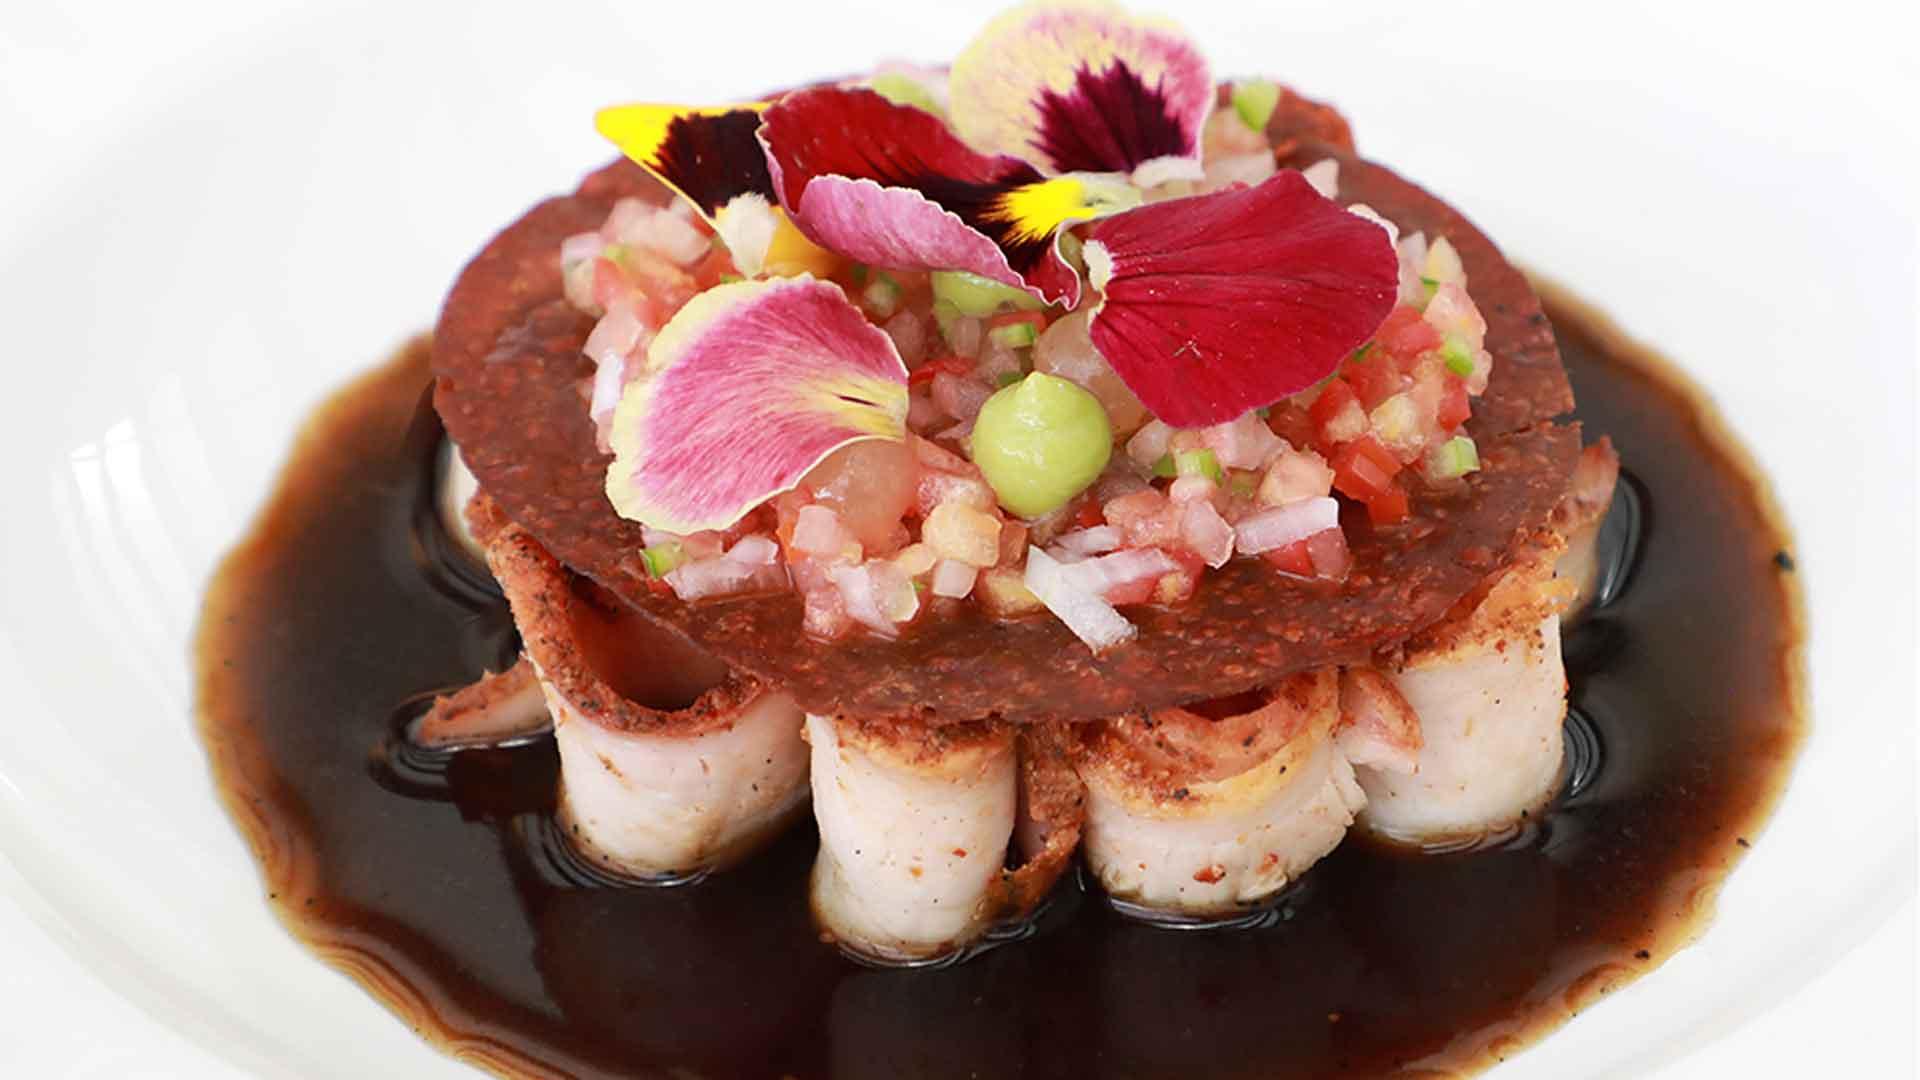 Los sabores de La Cocinoteca llegan a Cantina el Palacio